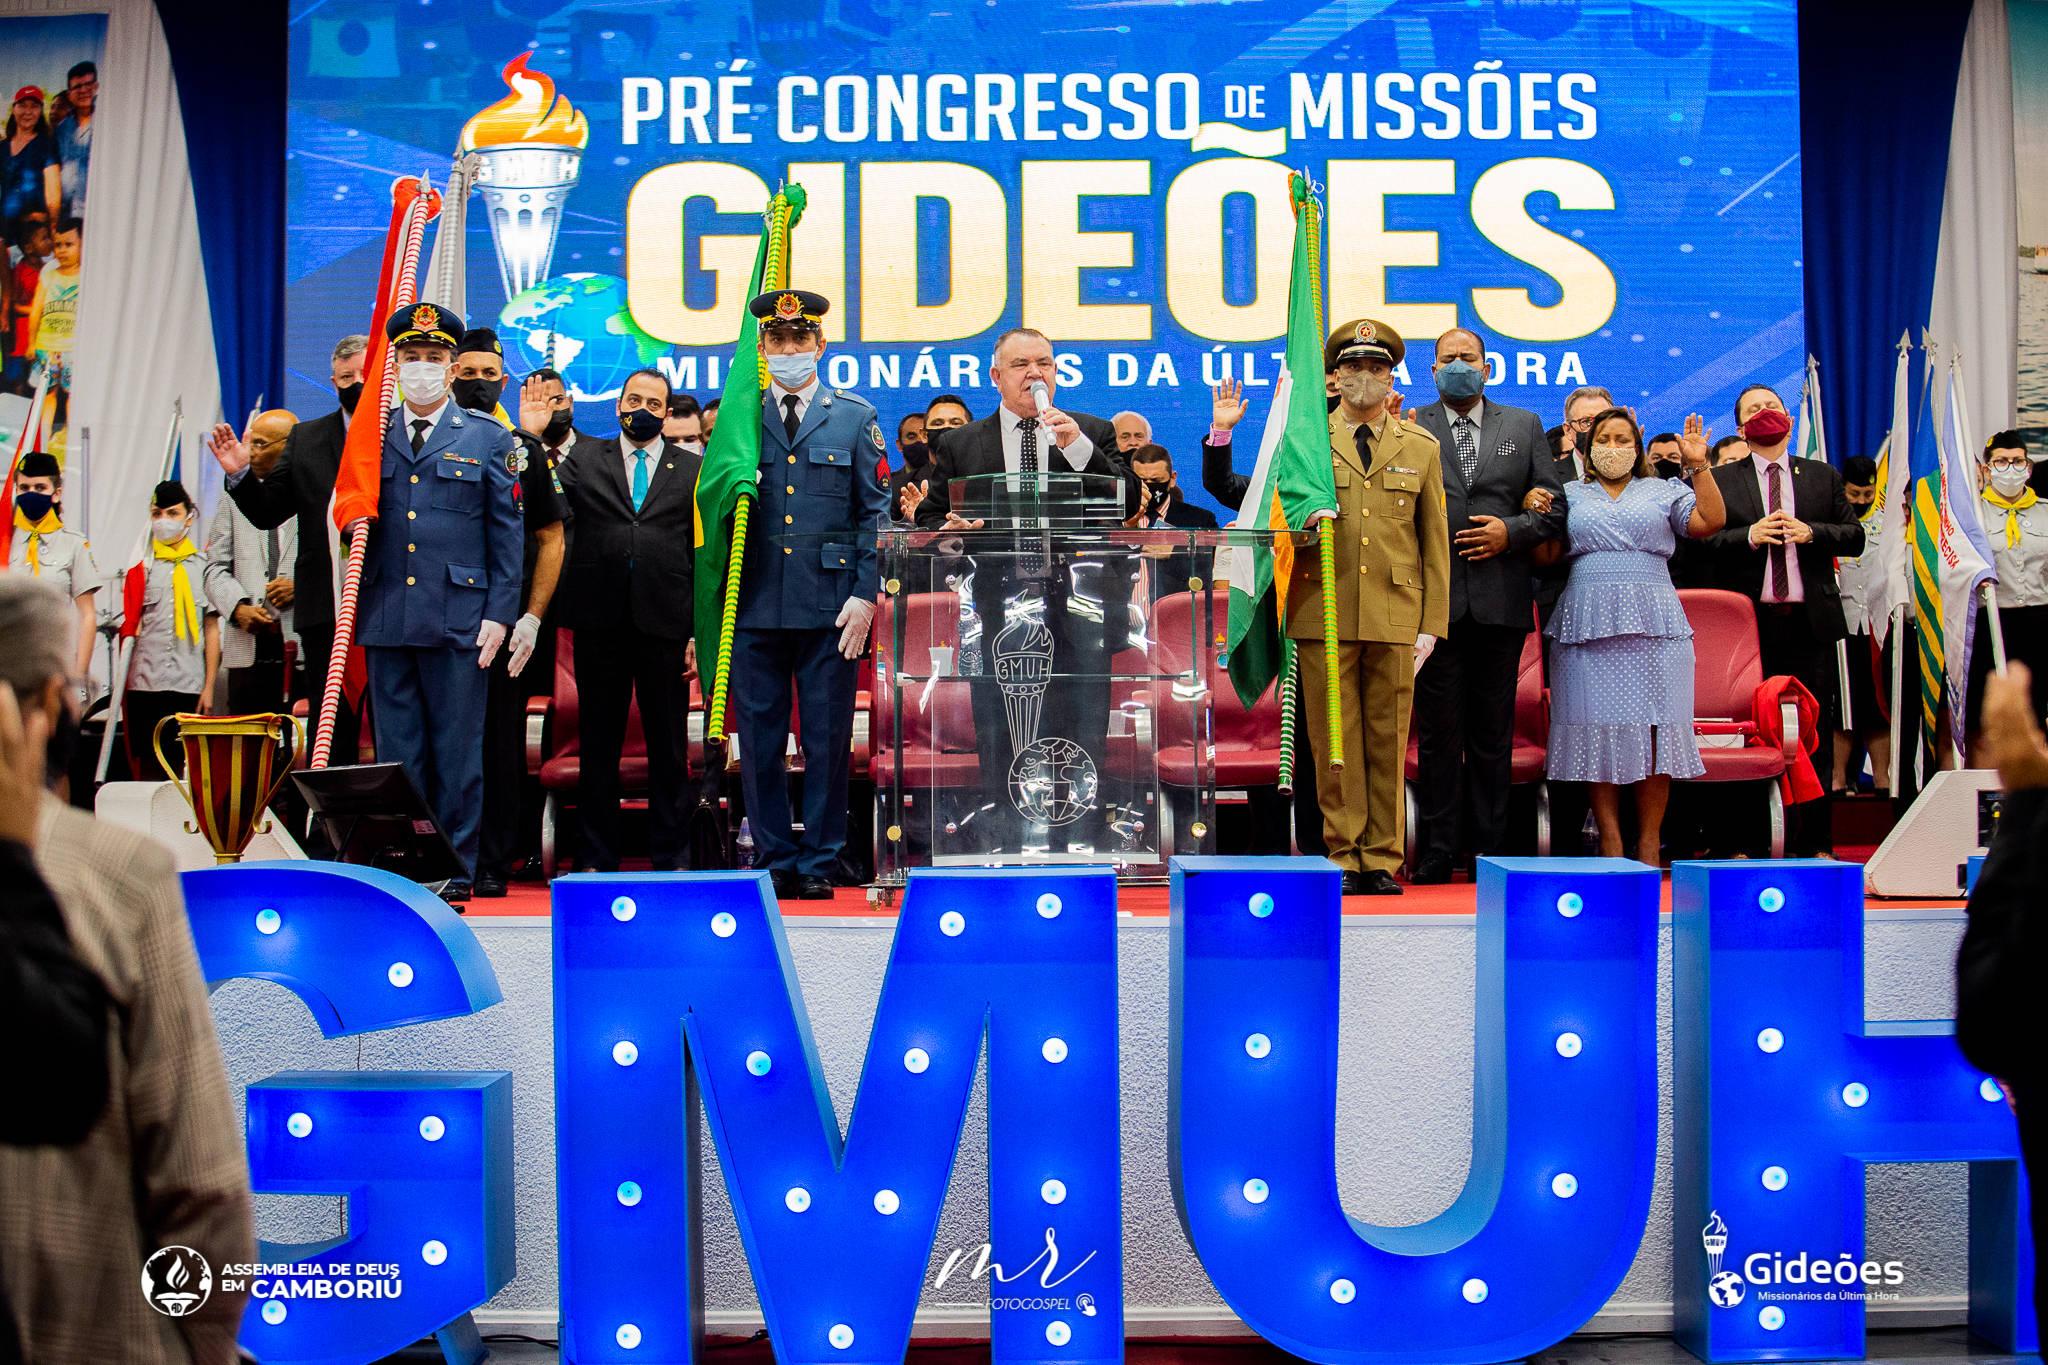 Abertura do Pré-congresso de missões reúne centenas de pessoas em Camboriú